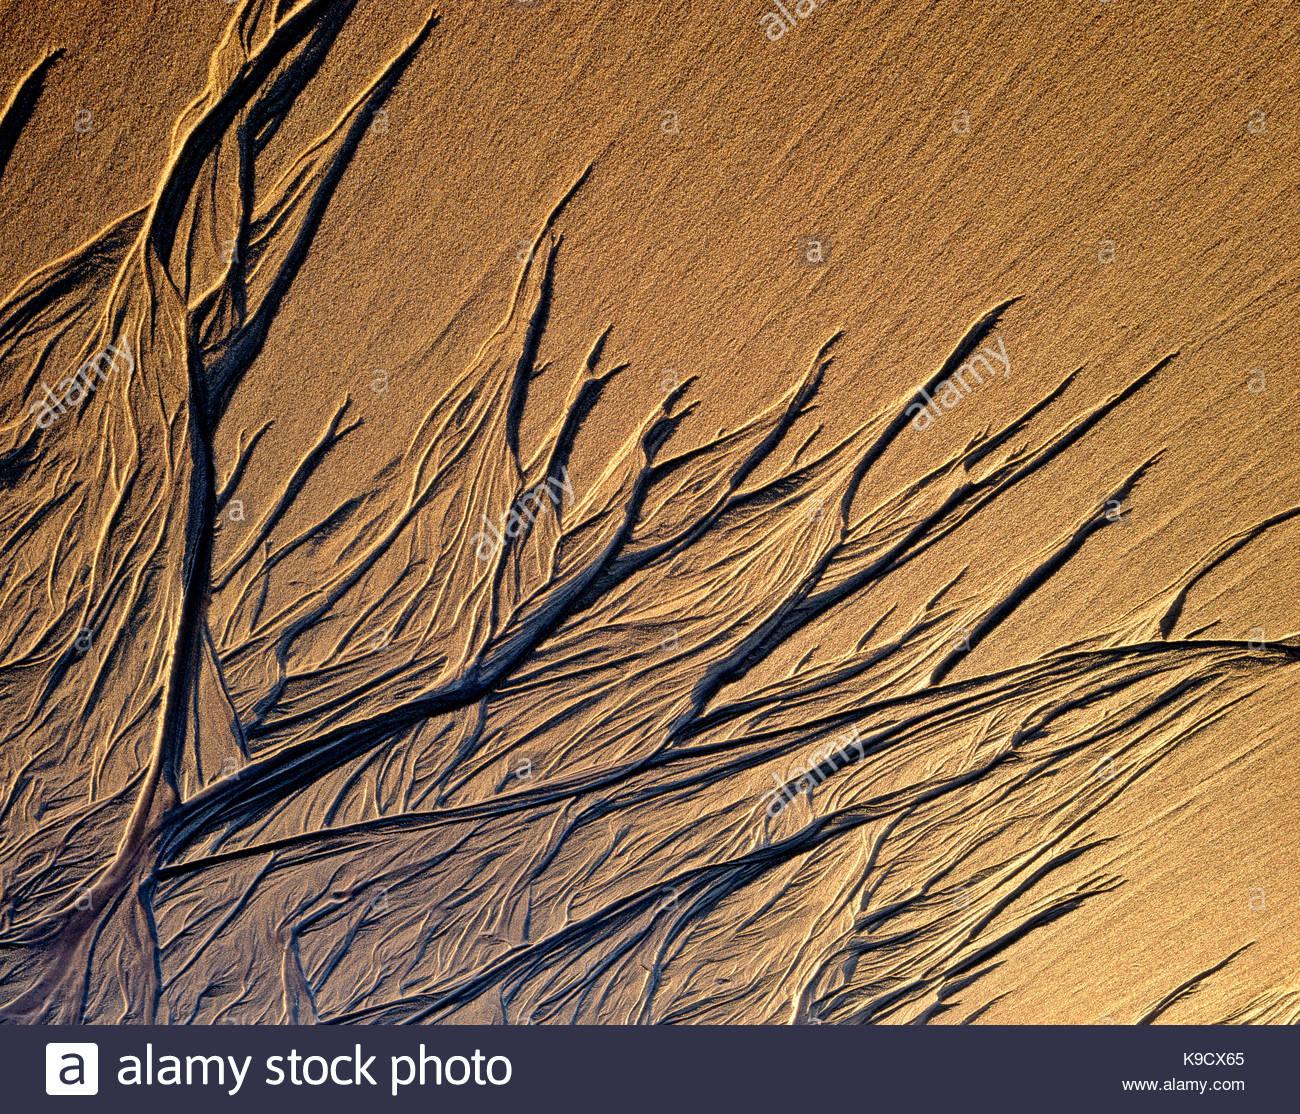 Last Sun on Sand Pattern,Phillip Burton Wilderness, Point Reyes National Seashore, California - Stock Image